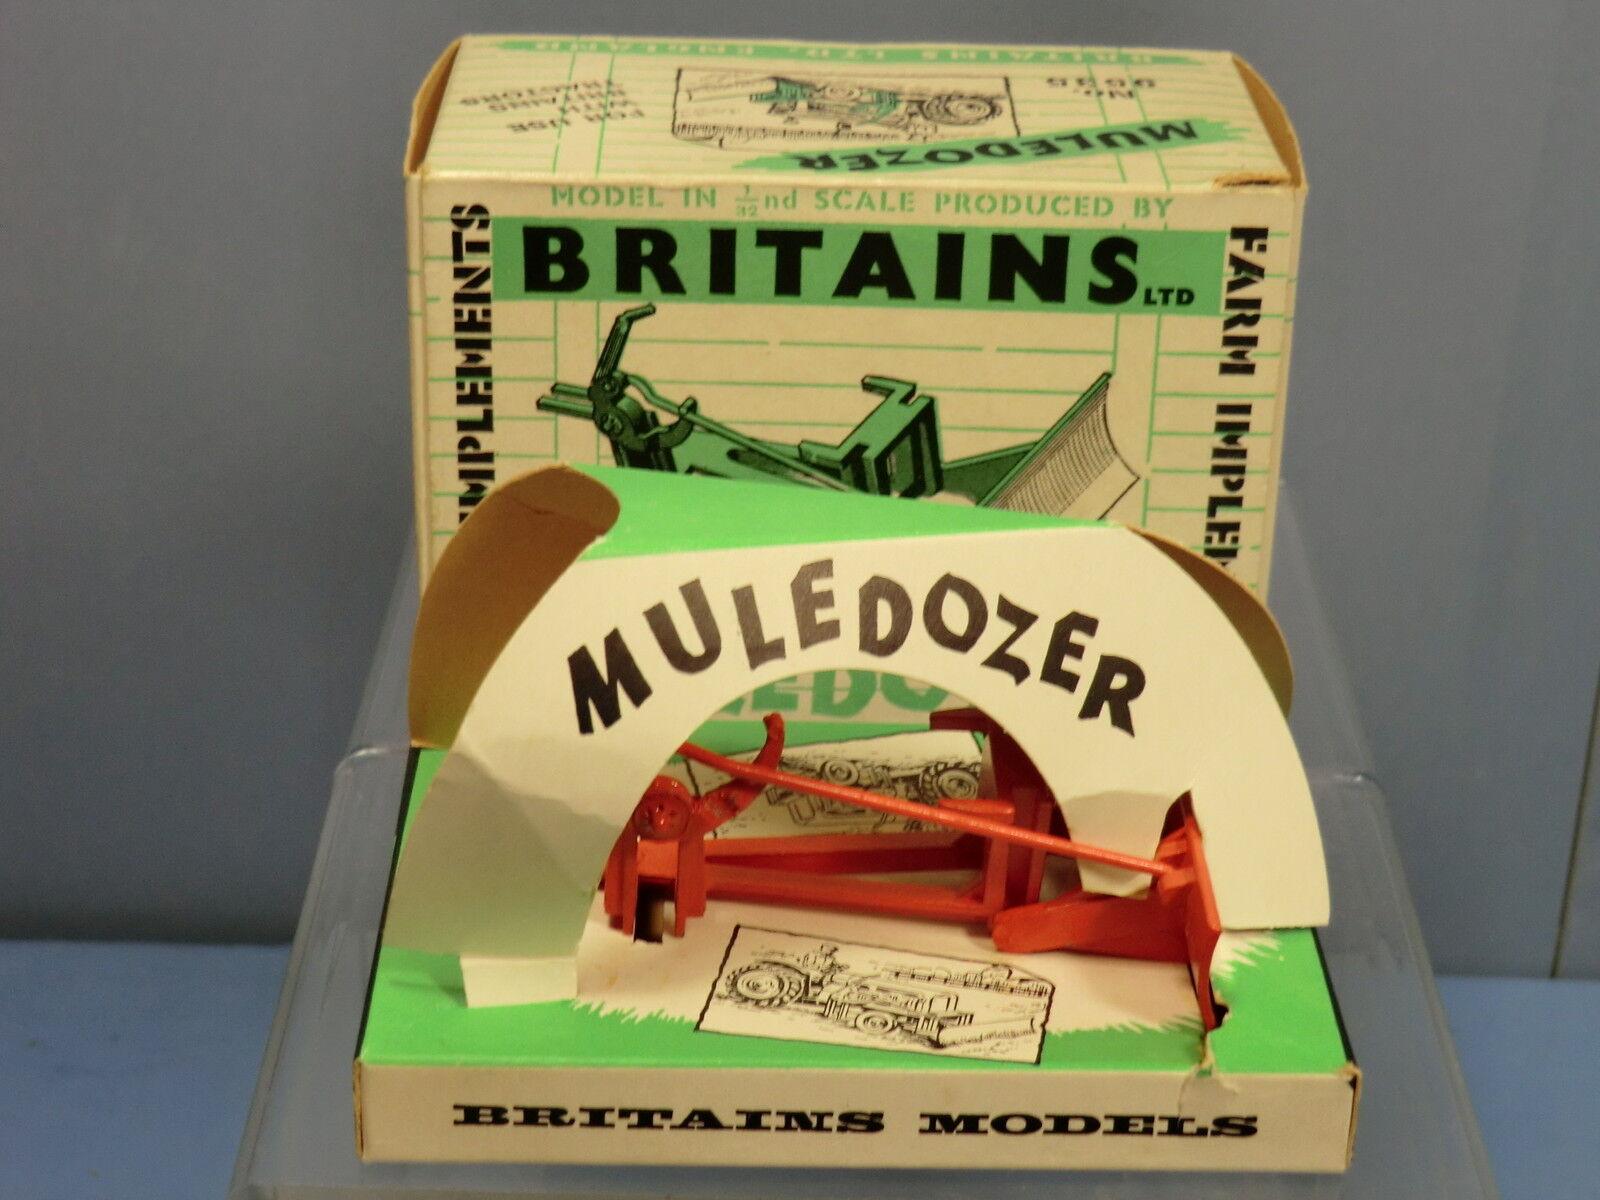 VINTAGE BRITAINS MODEL No.9535  MULEDOZER  En parfait état, dans sa boîte